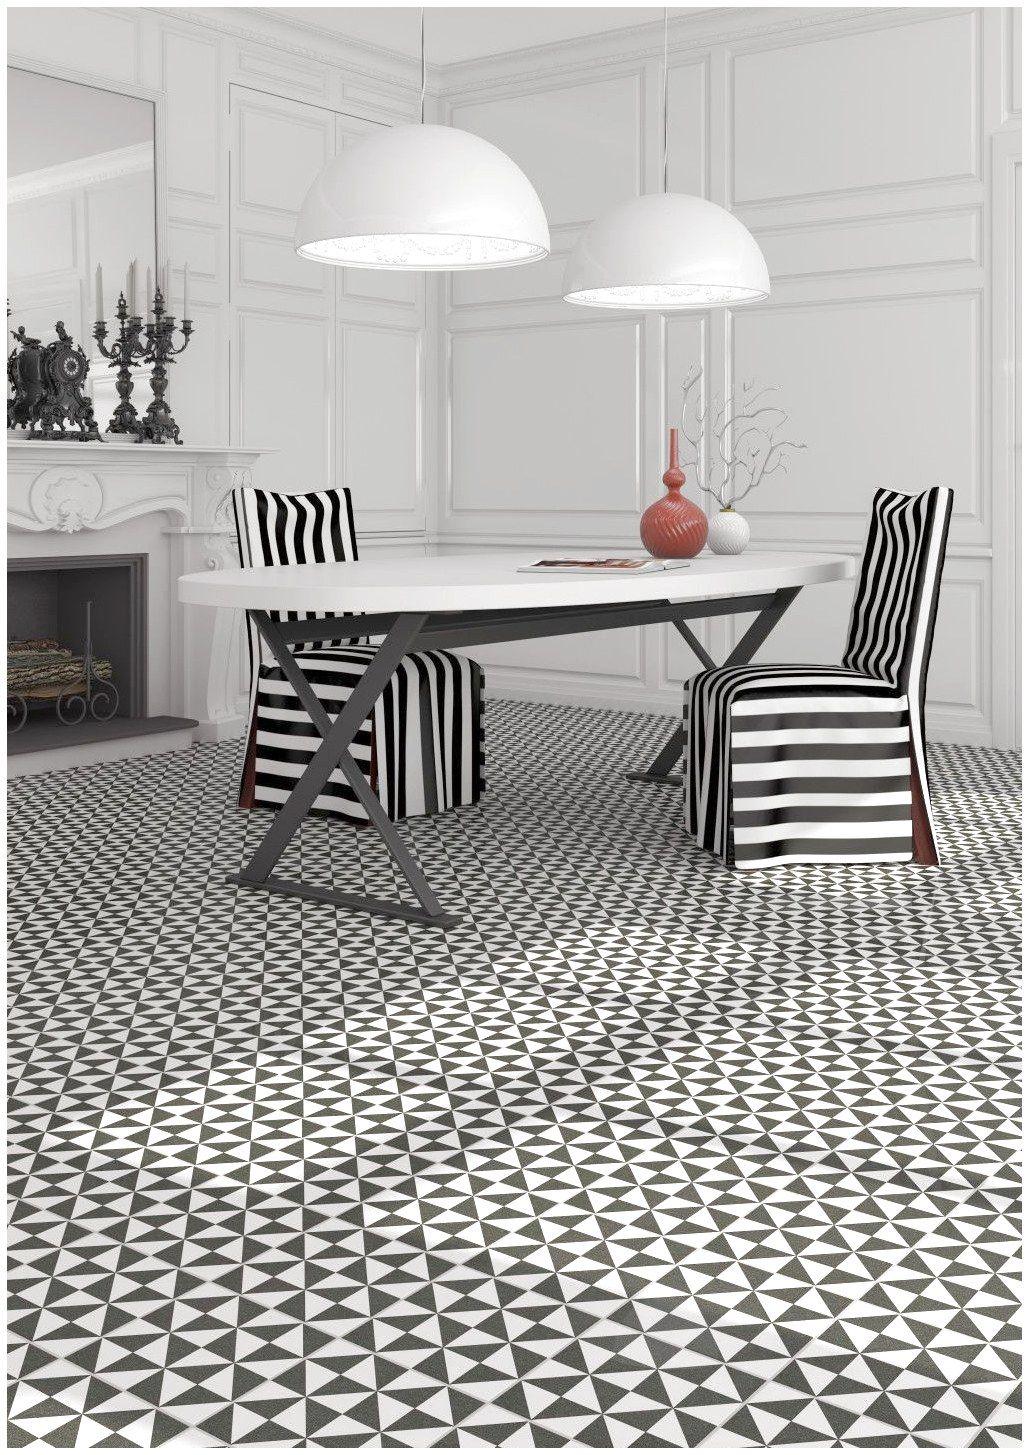 Carrelage Style Carreau De Ciment Noir Blanc Modernflooring